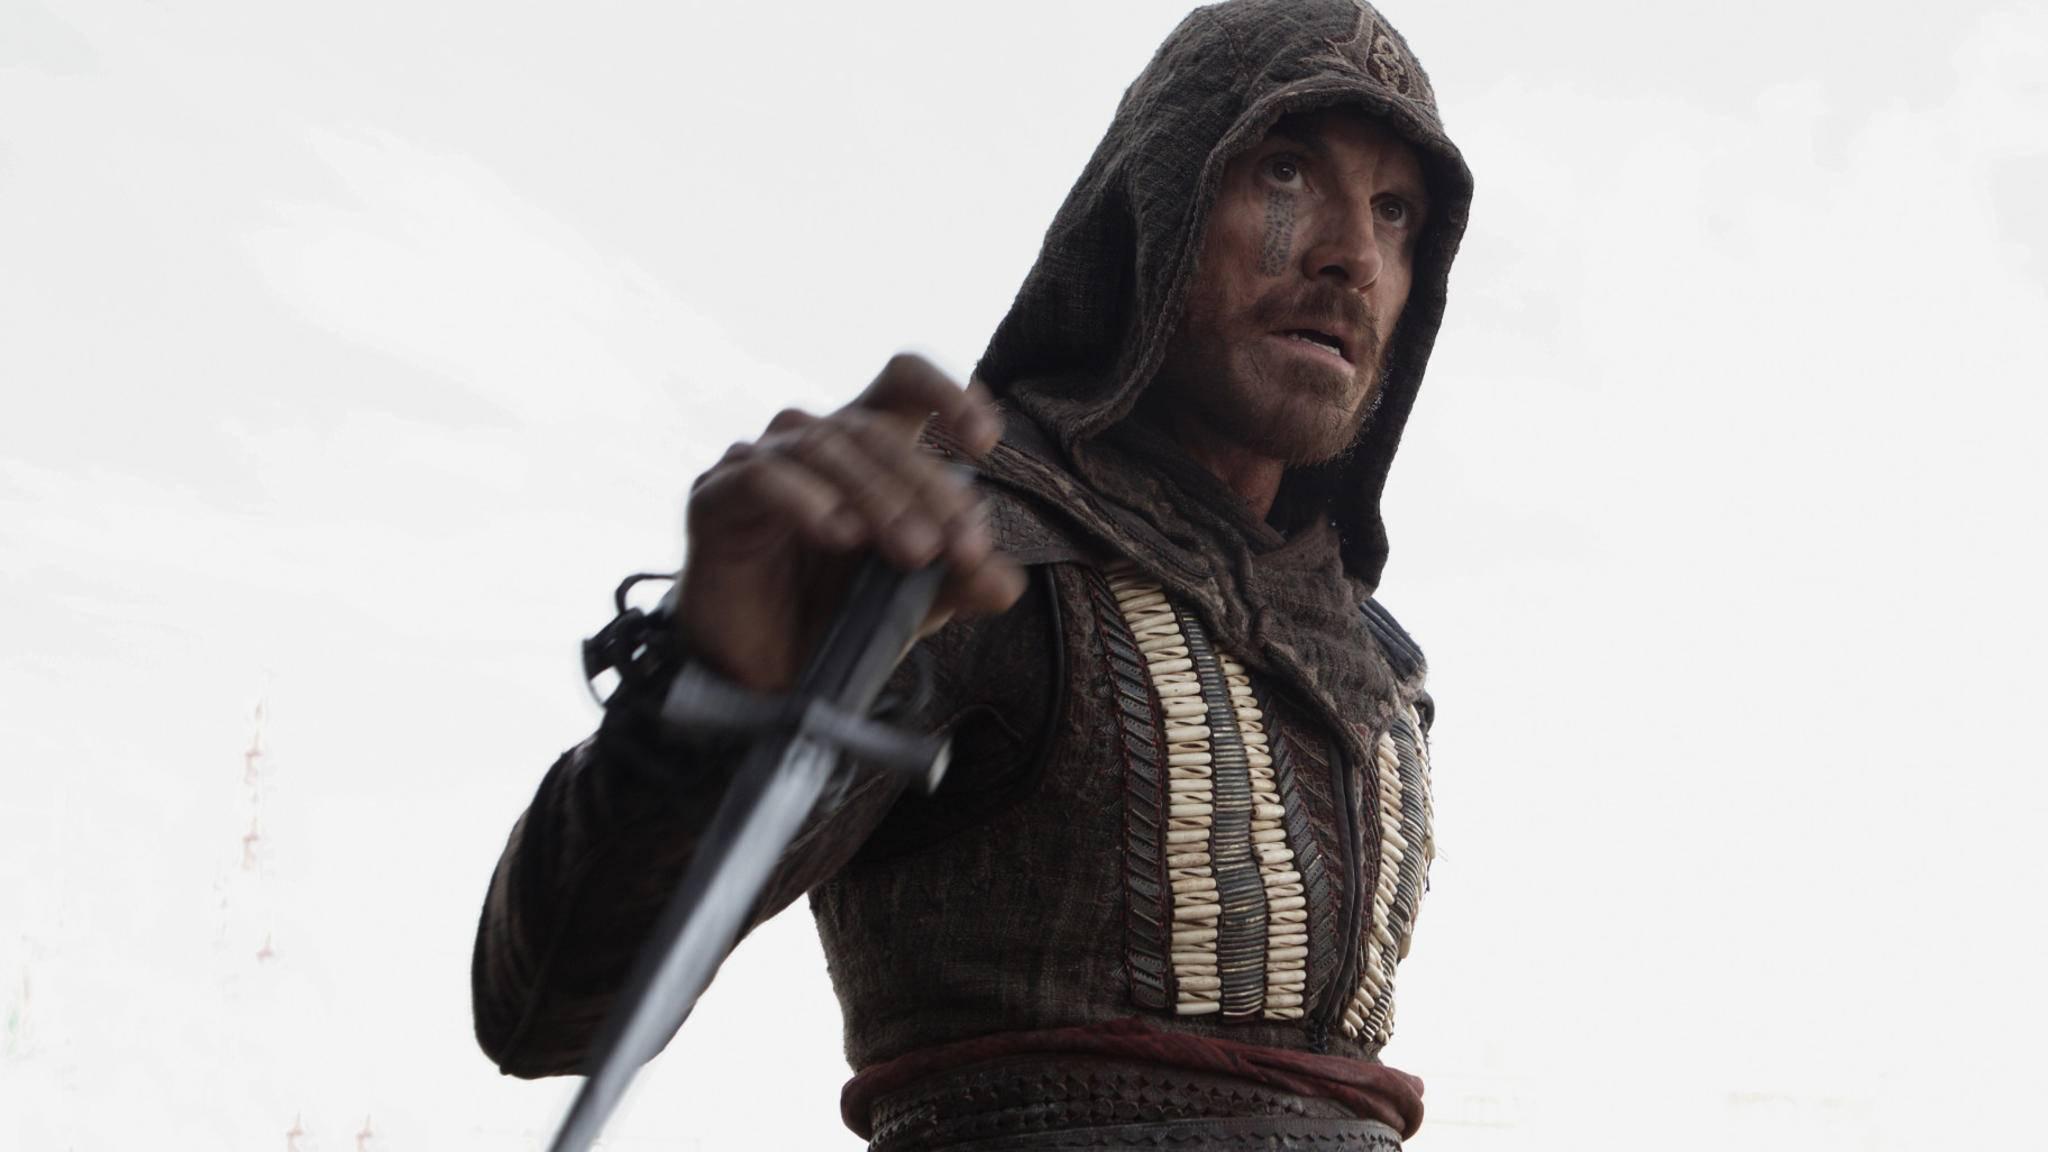 """Es klang so gut – und wurde doch zum Flop: Die """"Assassin's Creed""""-Verfilmung mit Michael Fassbender in der Hauptrolle."""